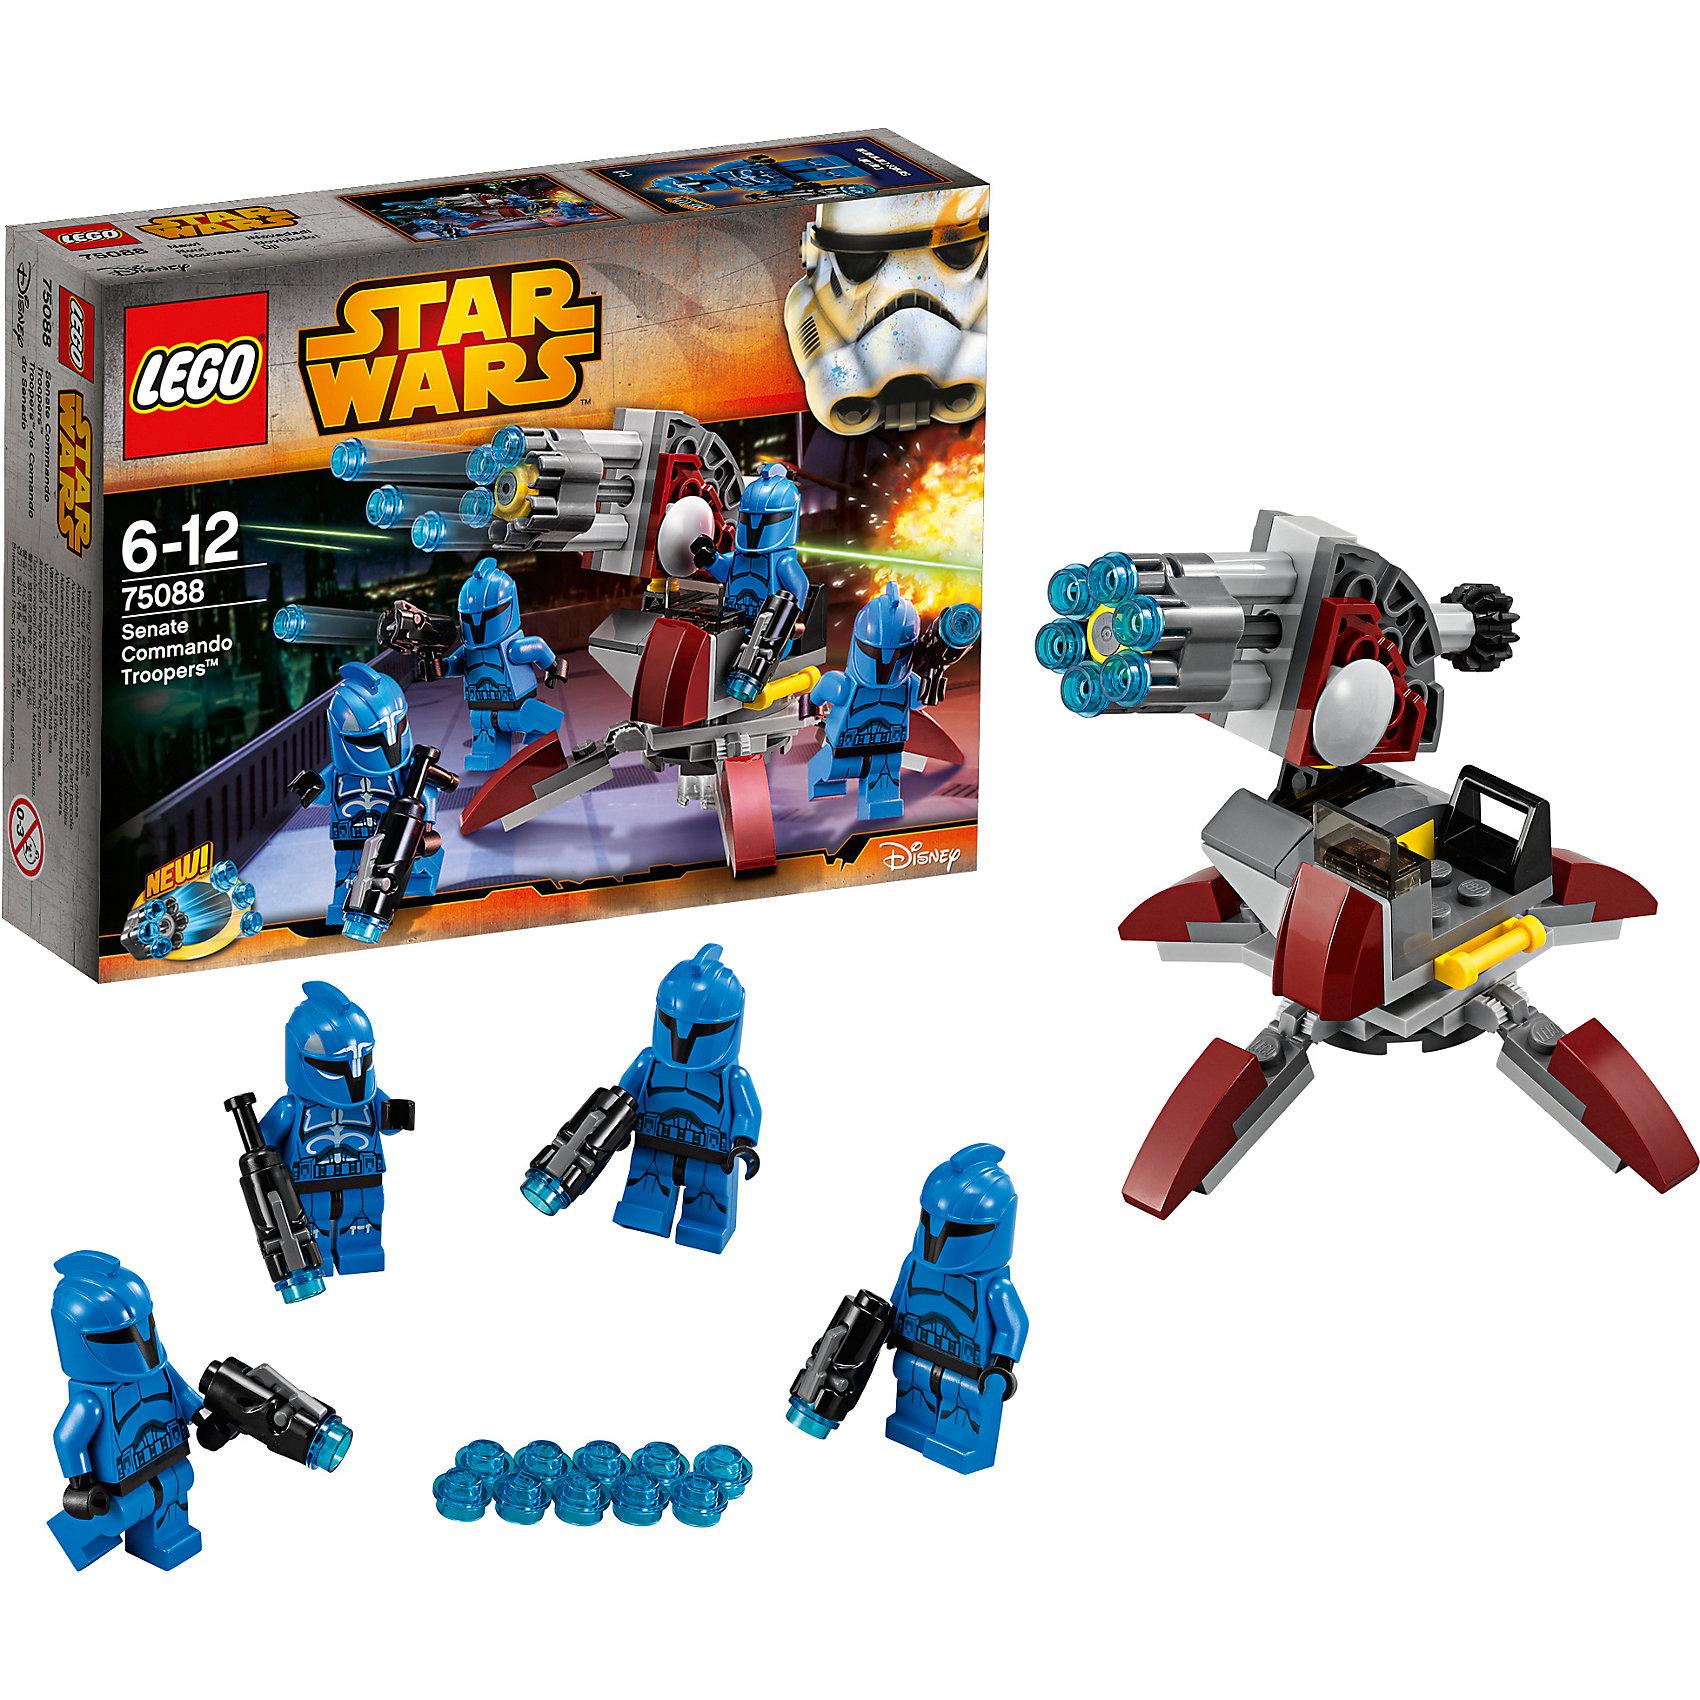 LEGO LEGO Star Wars 75088: Элитное подразделение Коммандос Сената лего звездные войны игрушки войны клонов